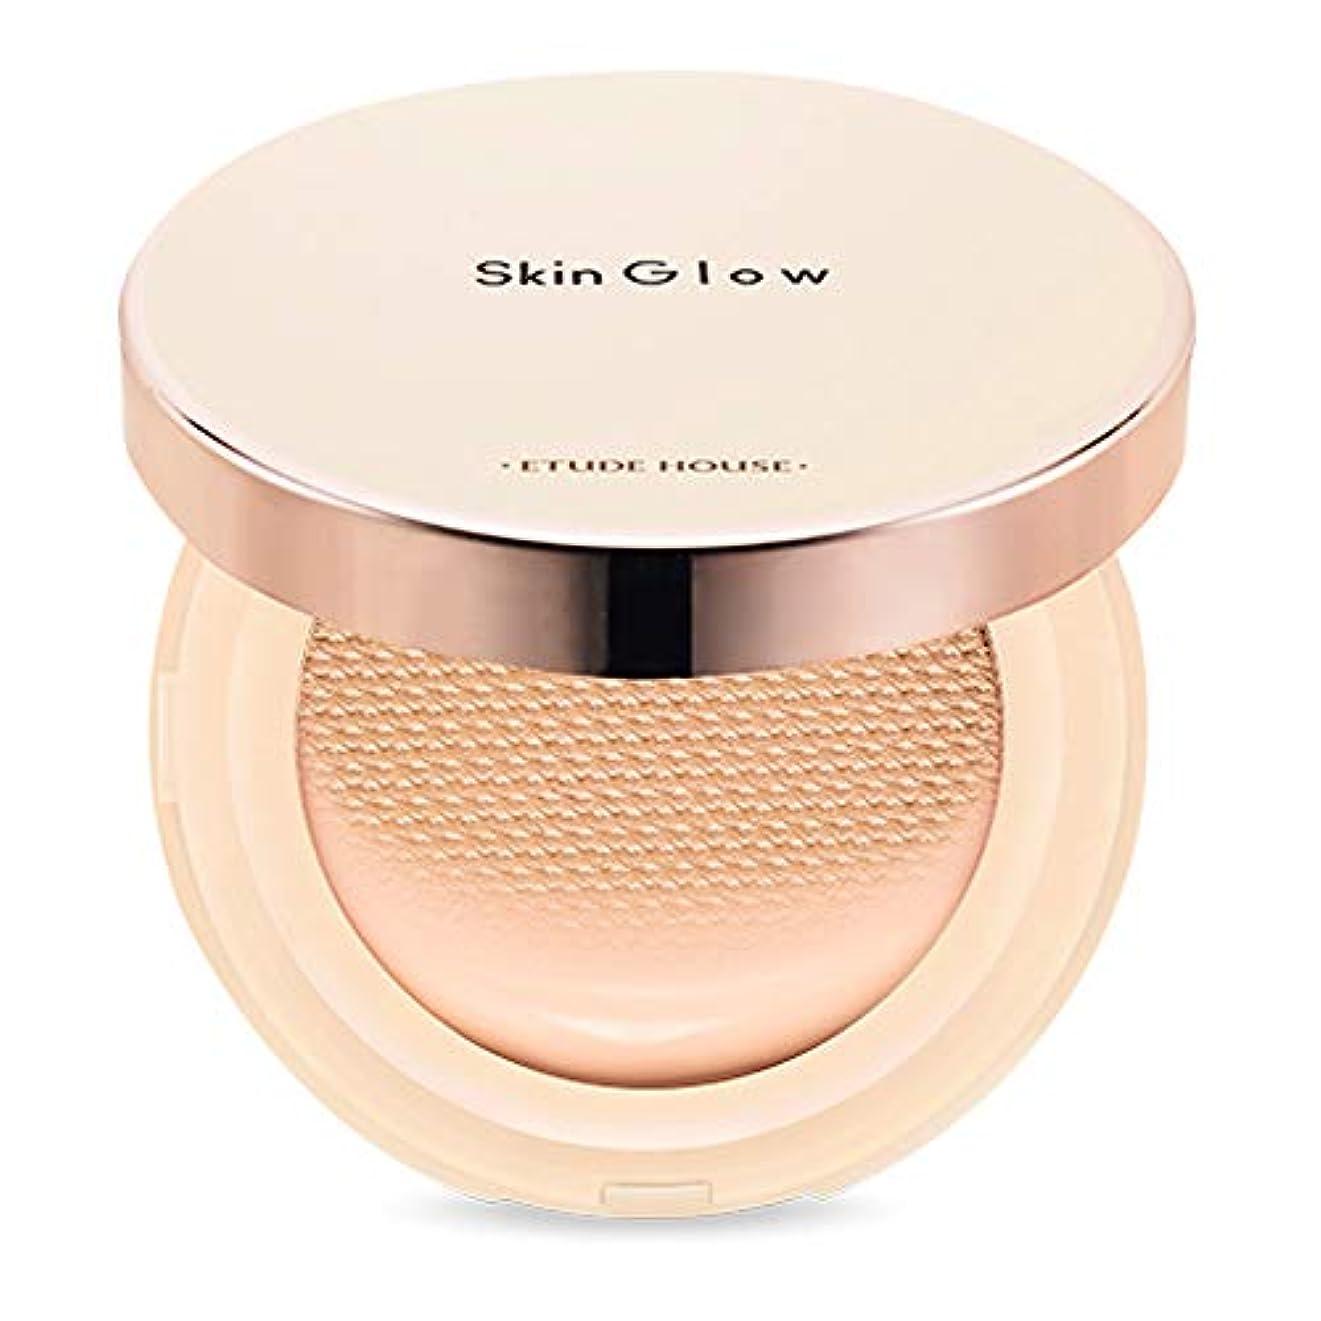 仮定する嘆願楽観的Etude House Skin Glow Essence Cushion SPF50+/PA++++ エチュードハウス スキン グロー エッセンス クッション (# N04 Neutral Beige) [並行輸入品]